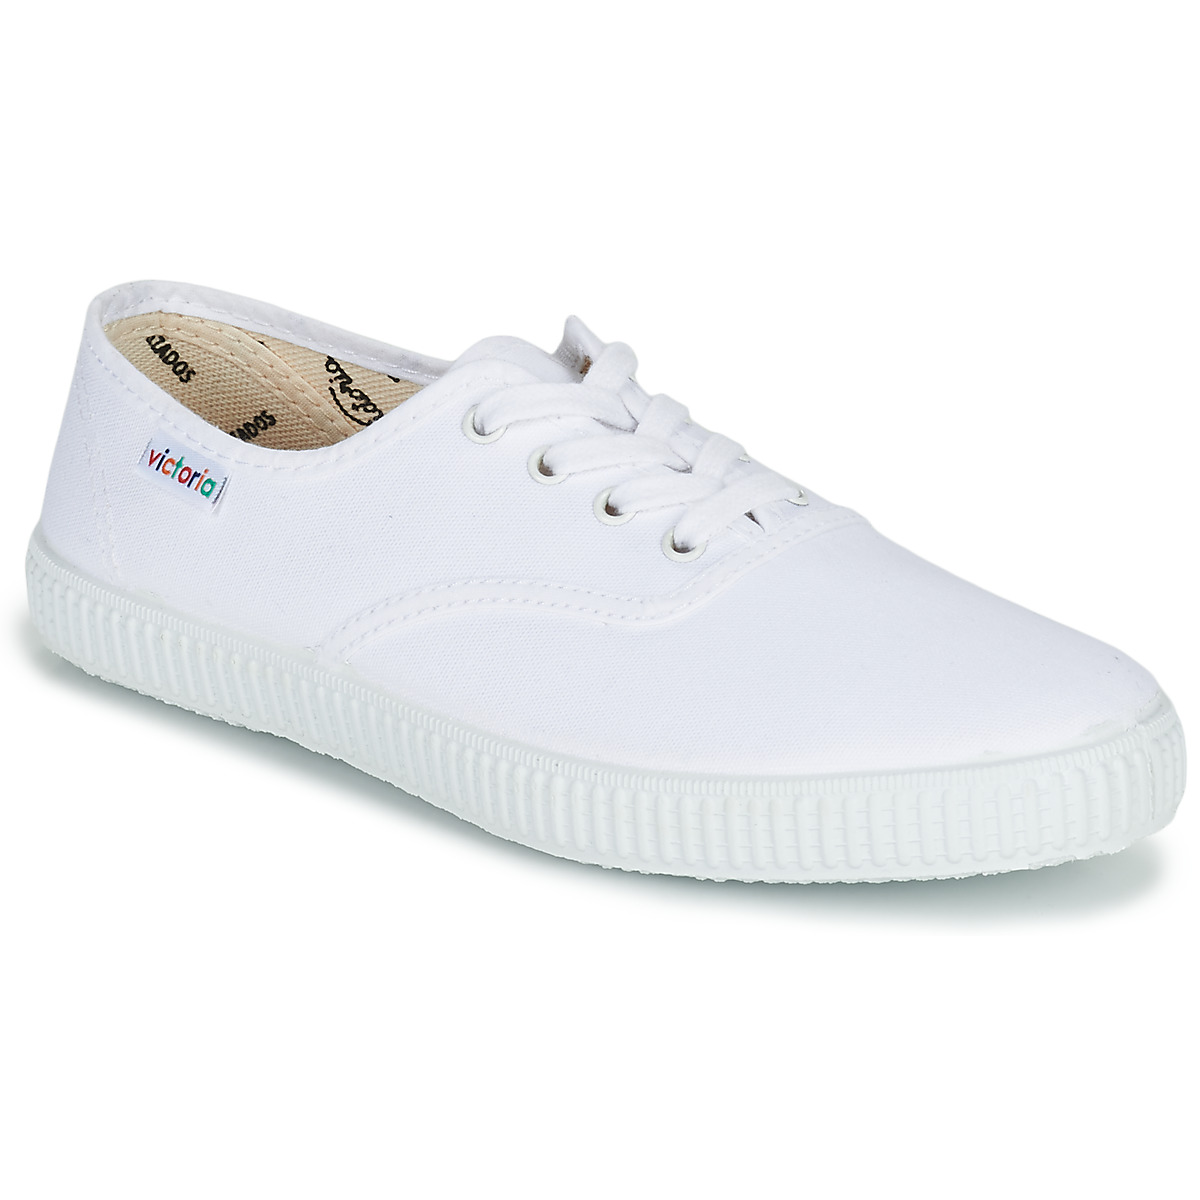 Victoria INGLESA LONA Weiss - Kostenloser Versand bei Spartoode ! - Schuhe Sneaker Low  23,20 €